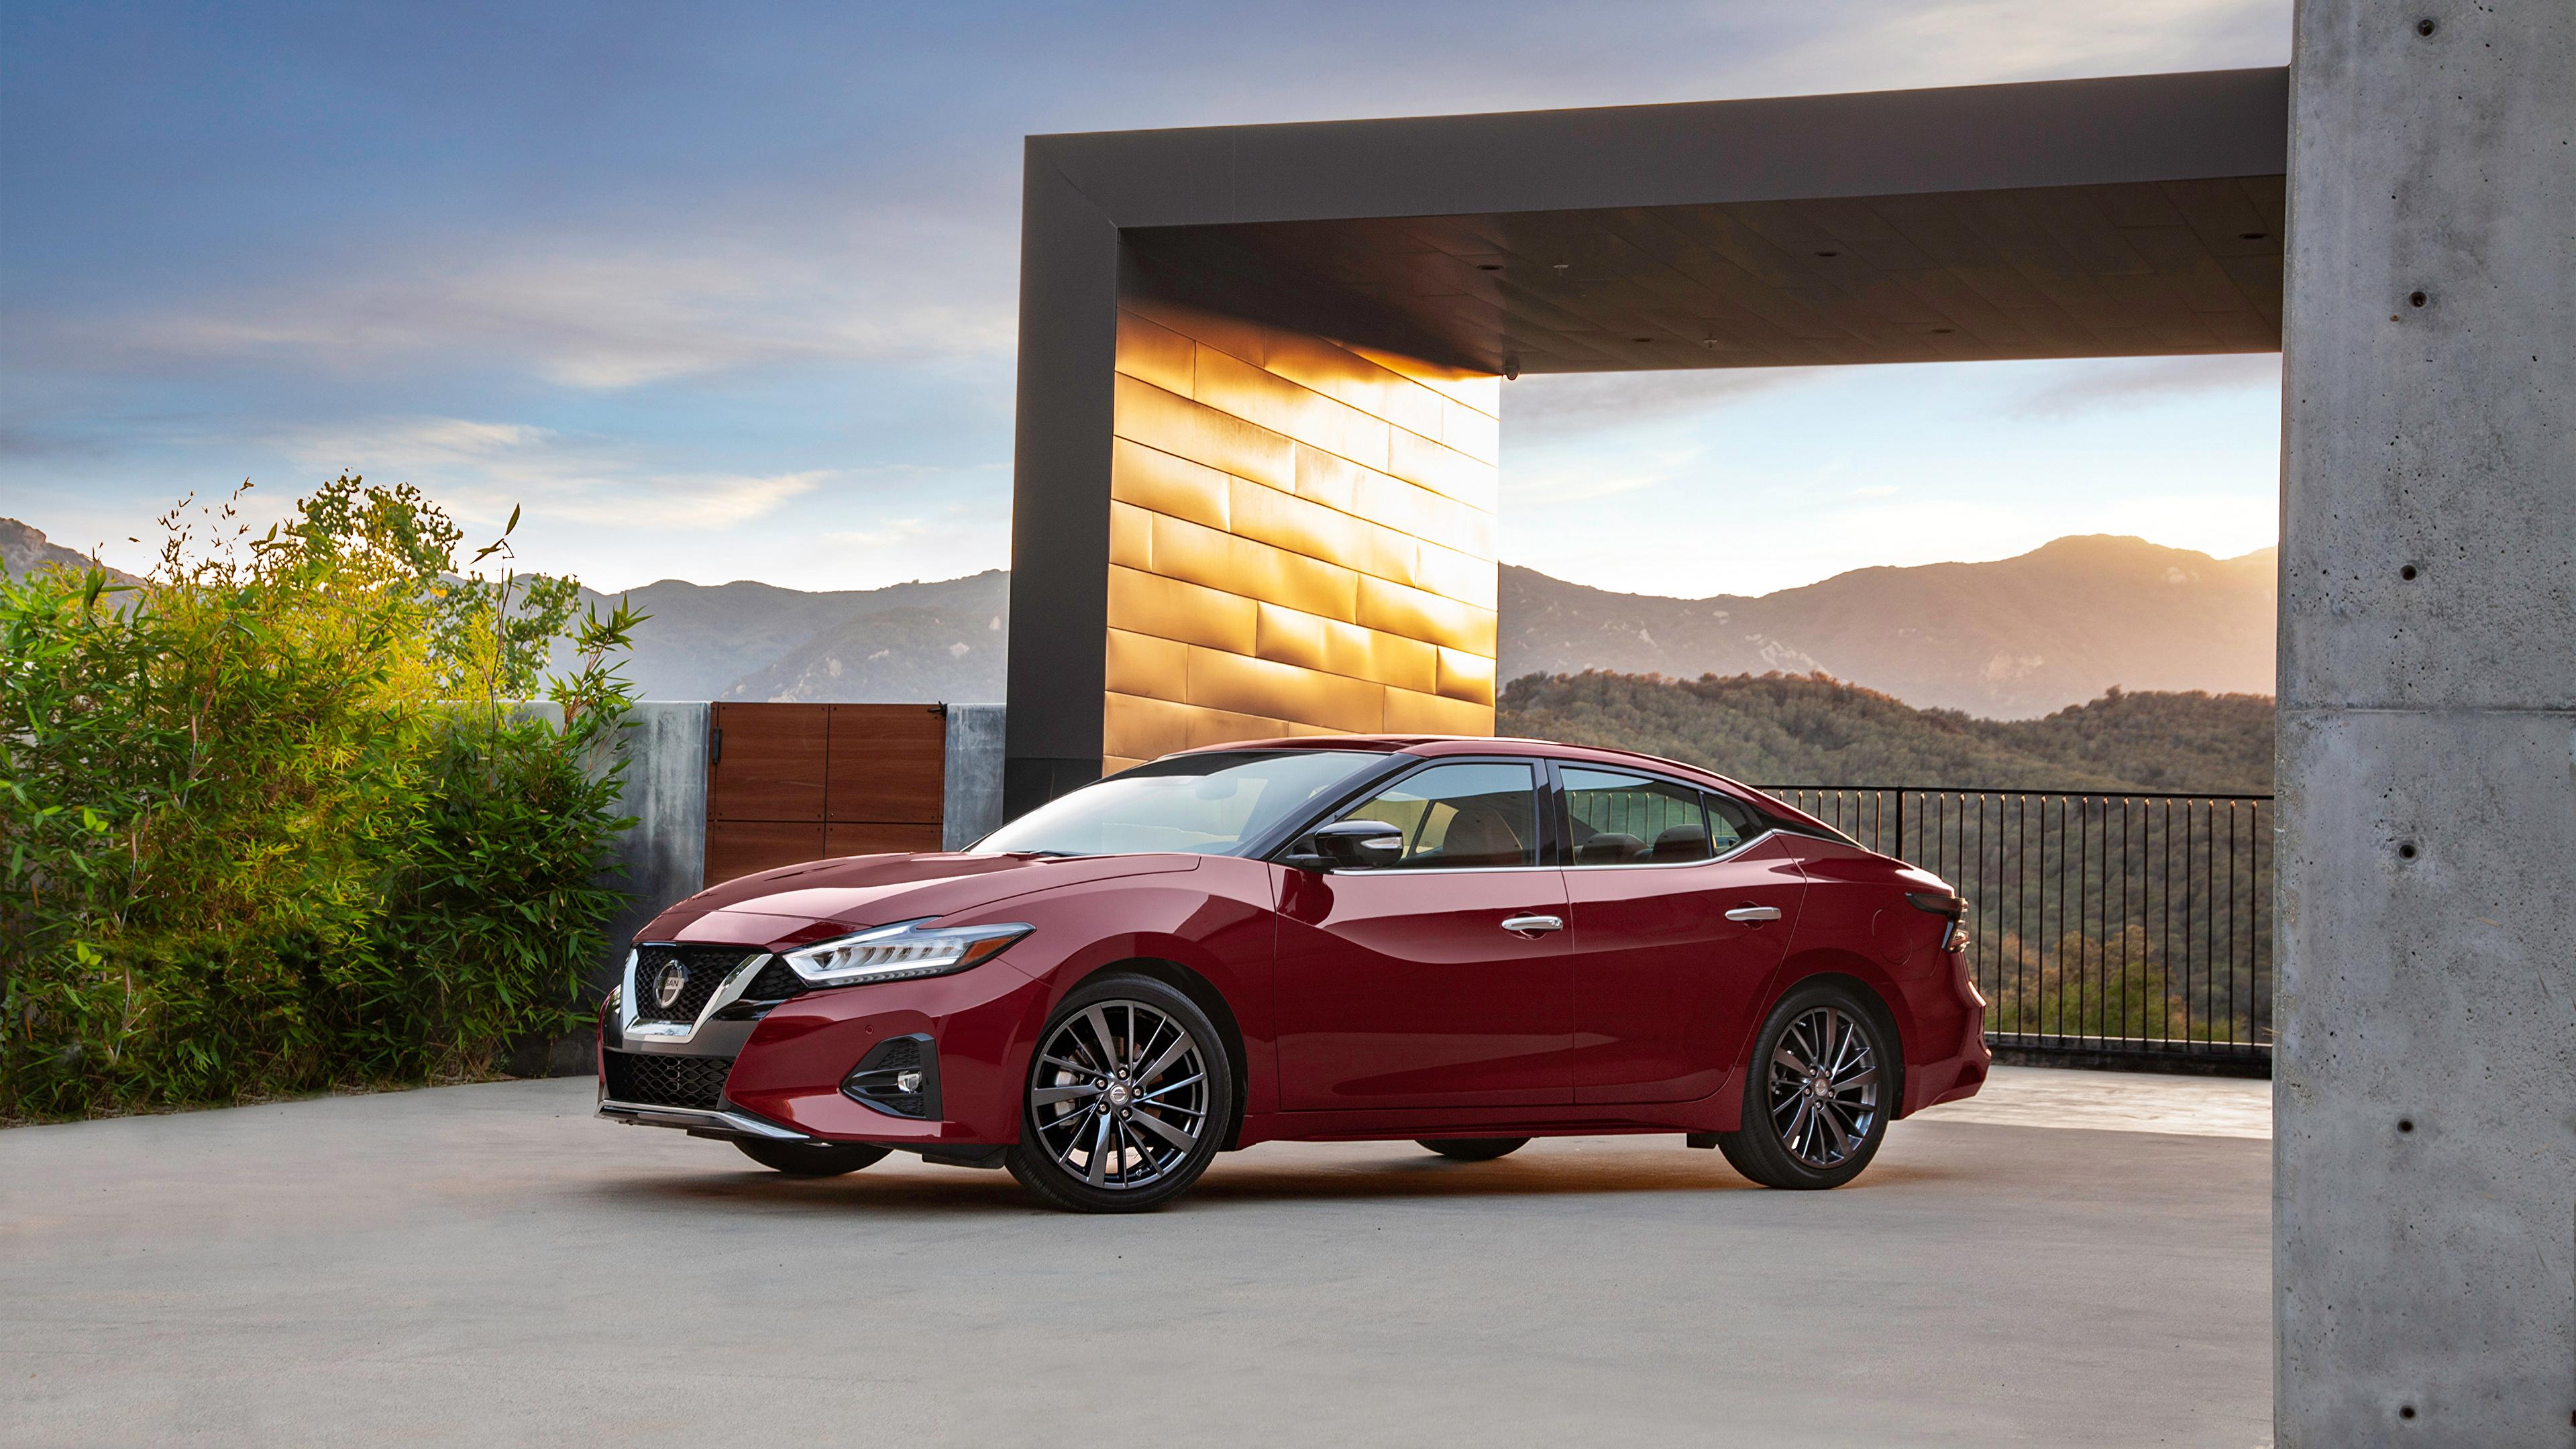 Картинки Ниссан 2019 Maxima Platinum Бордовый Металлик автомобиль 3840x2160 Nissan бордовая бордовые темно красный авто машина машины Автомобили